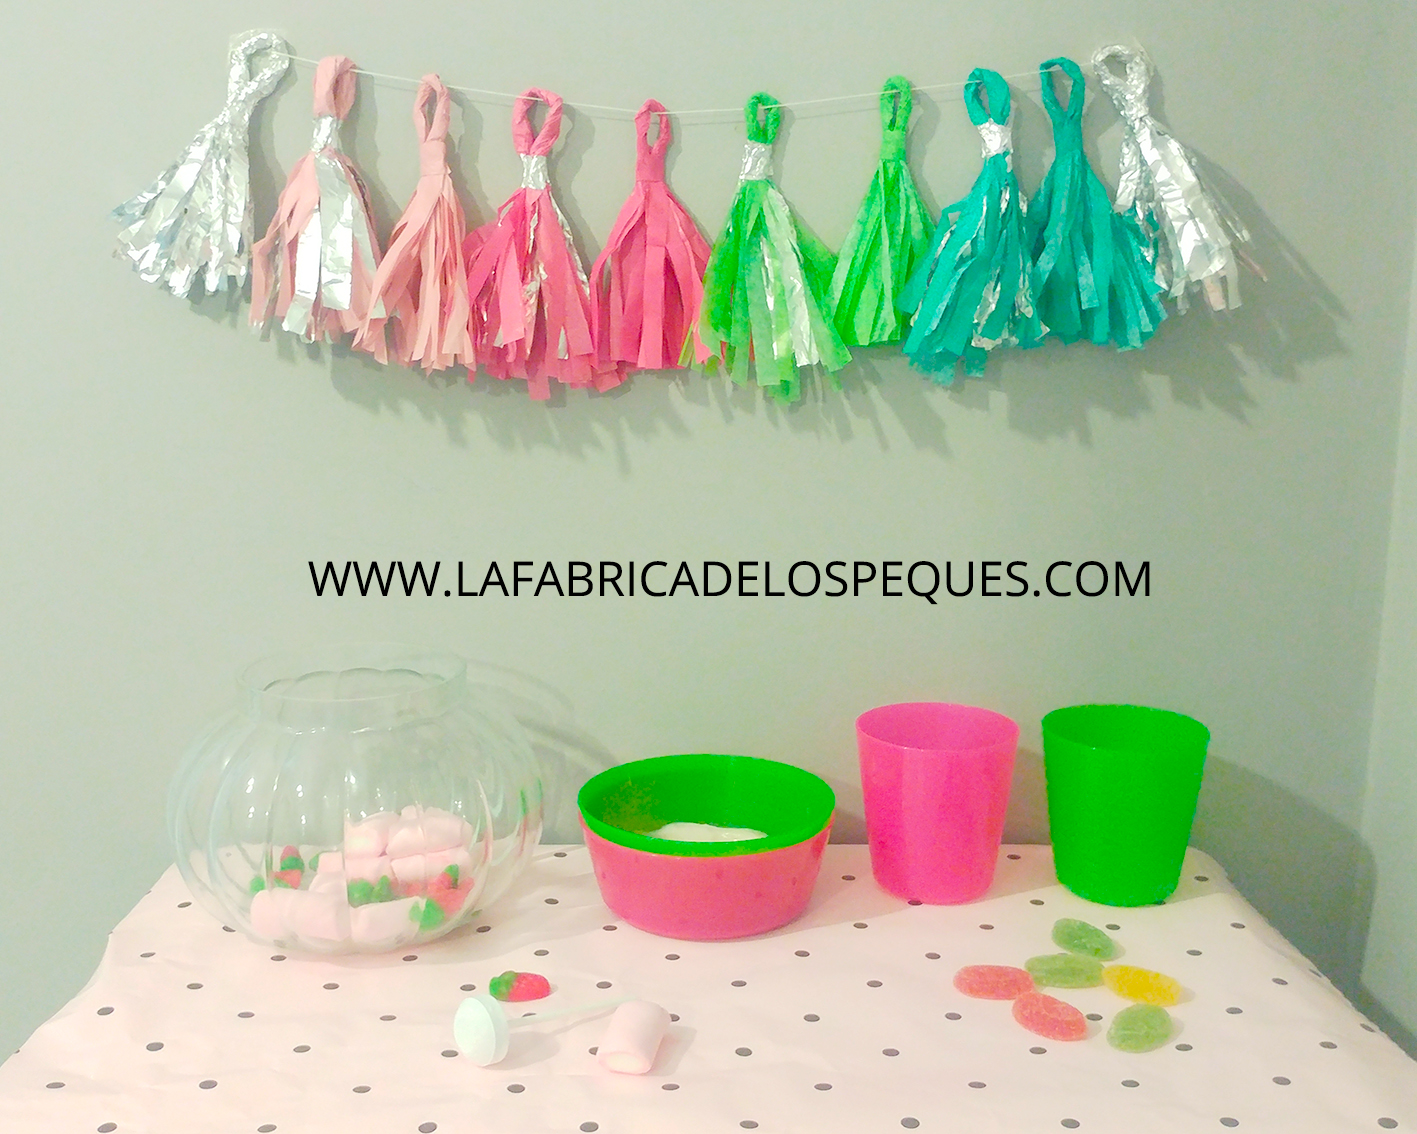 Borlas de papel seda y aluminio para fiestas - La fábrica de los peques